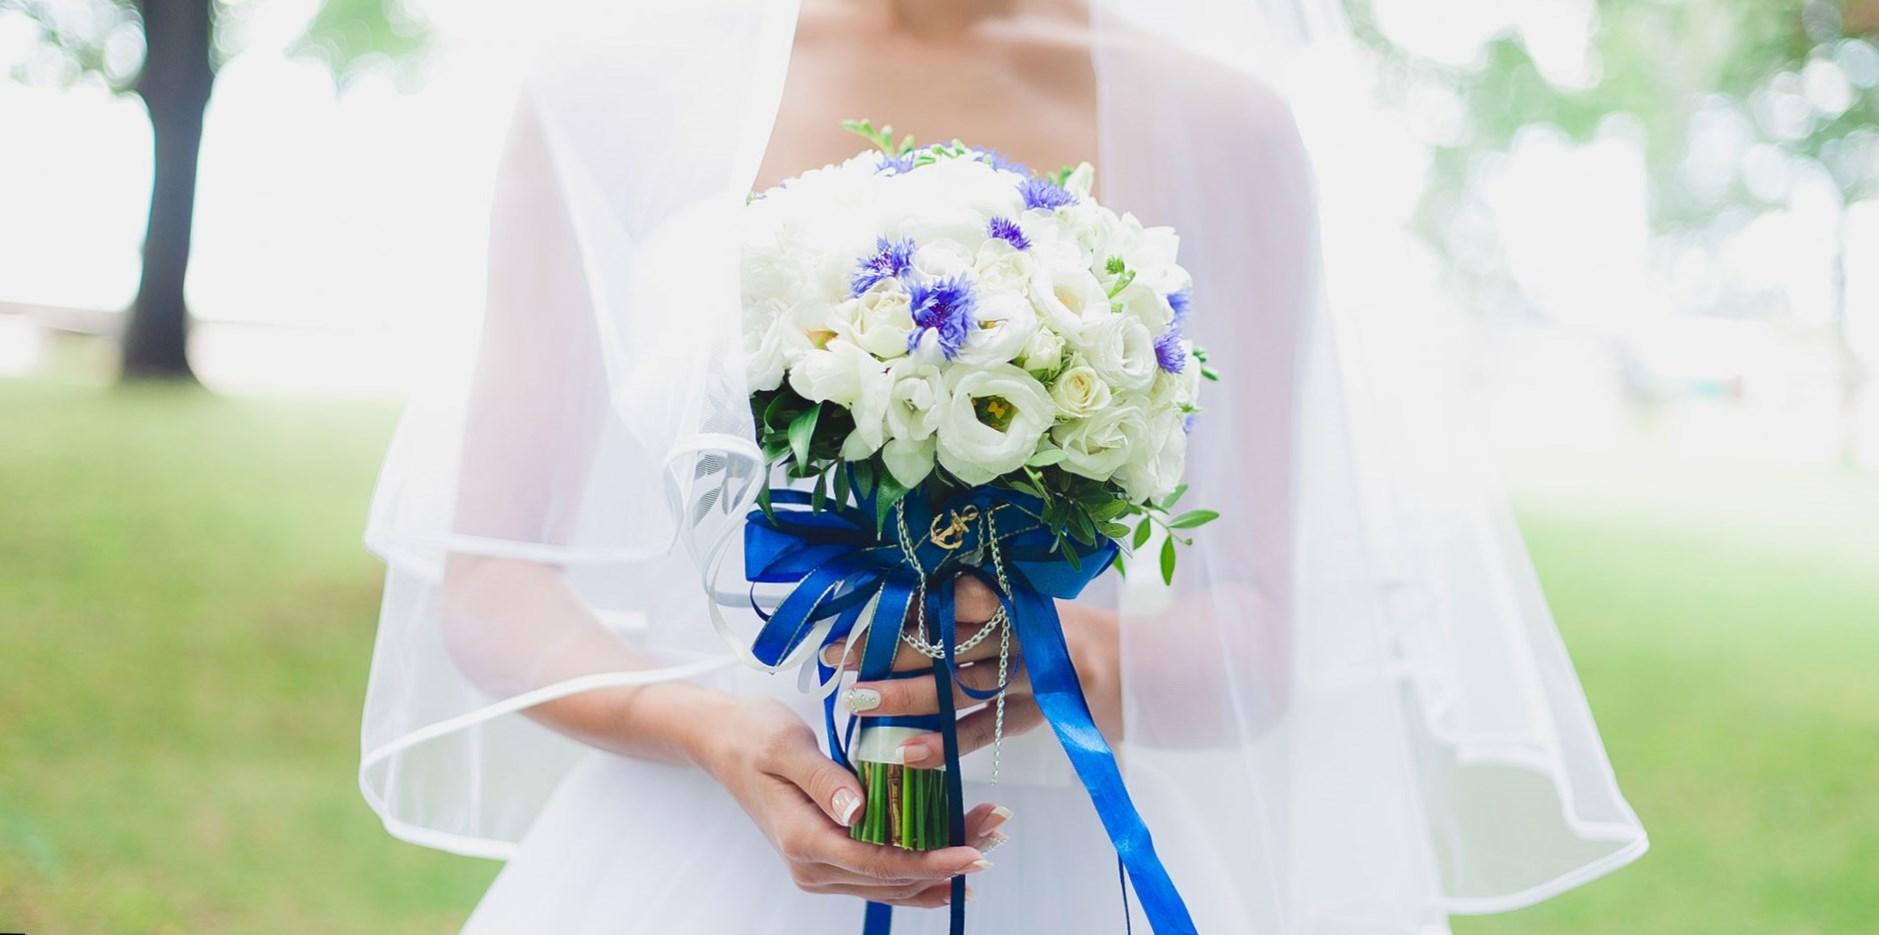 Синие элементы на свадебном платье